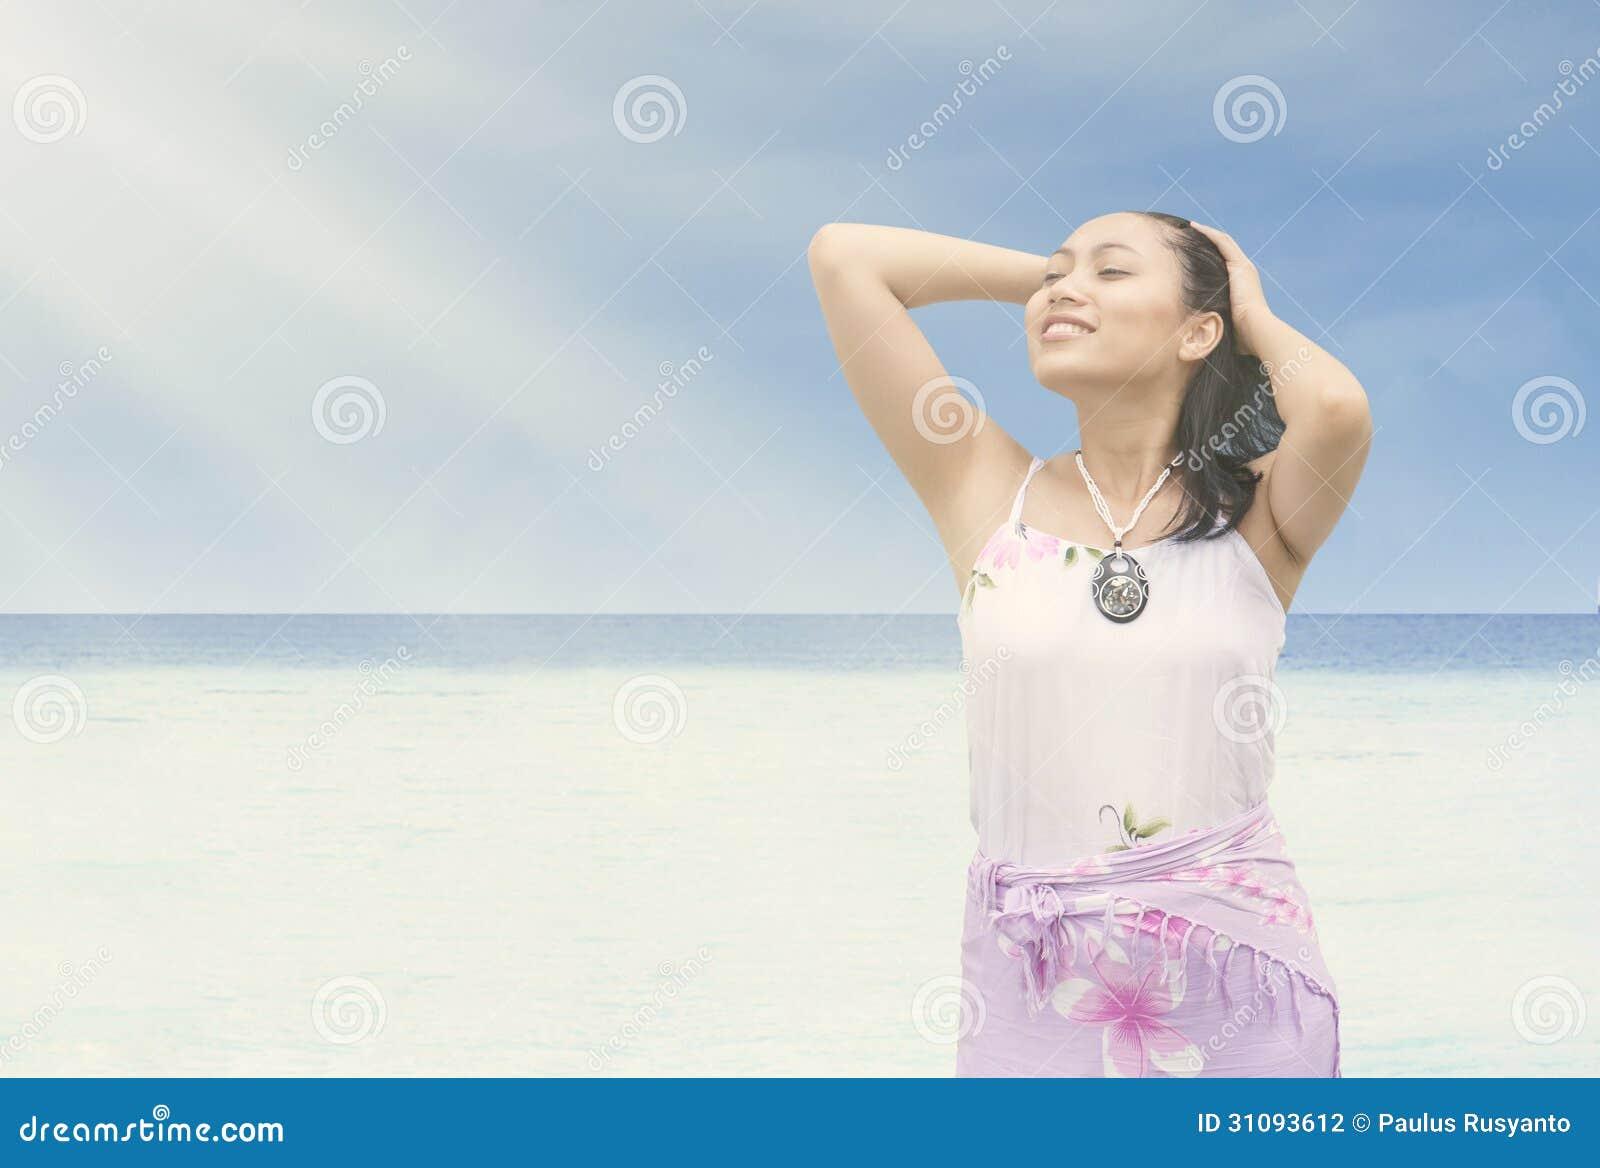 coast asian woman Sunshine